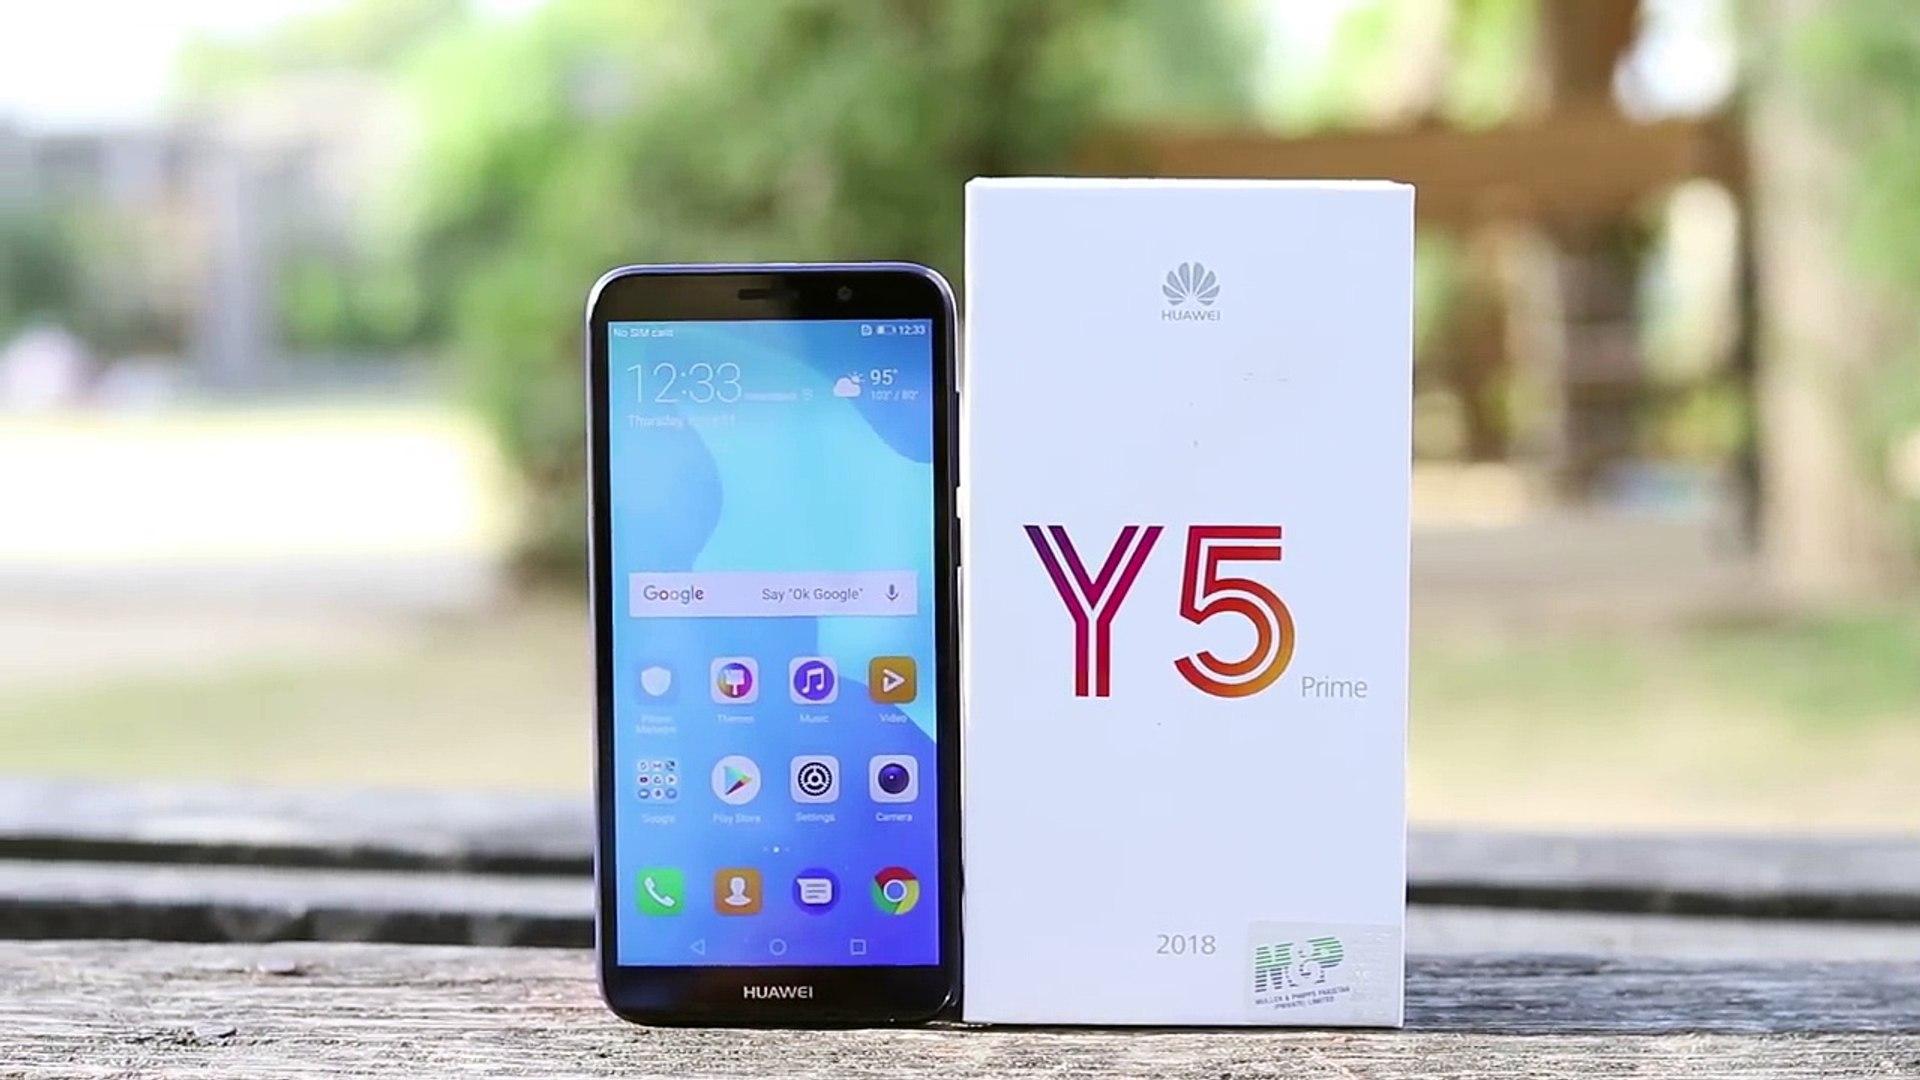 Huawei Y5 Prime 2018 Unboxing & Full Review In Urdu /Hindi